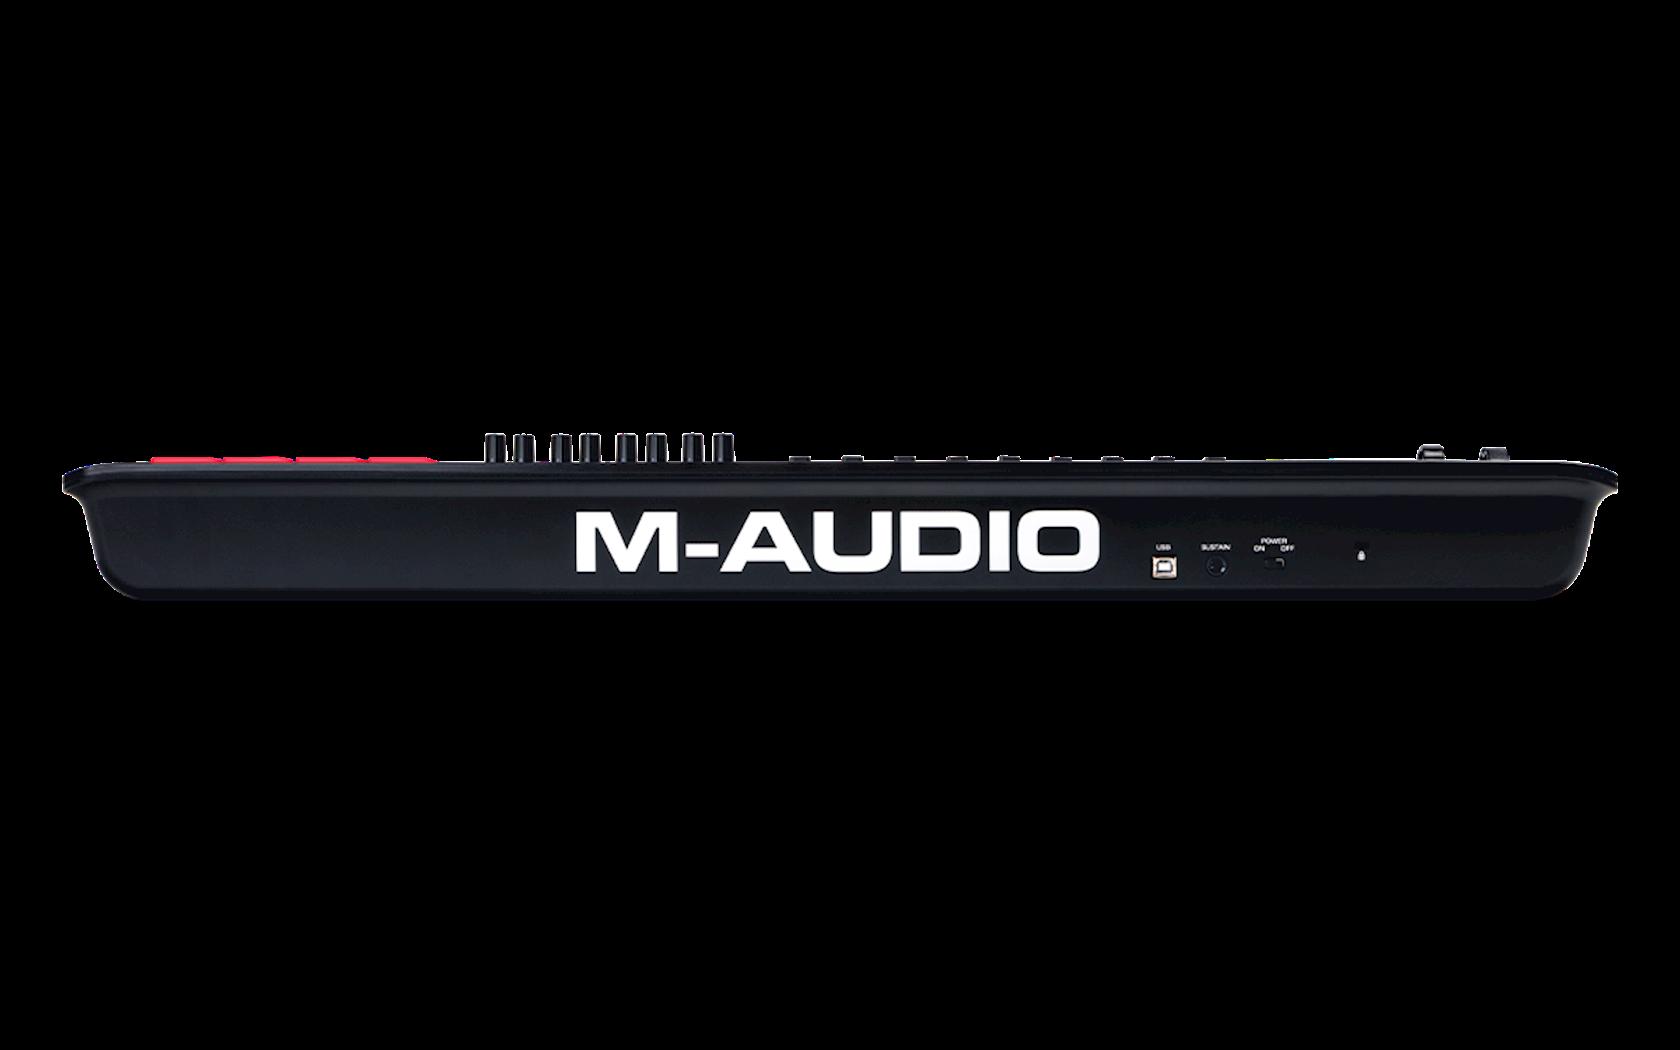 Midi-kontroller M-Audio Oxygen 49 MK5, 25 klaviş, 2.9 kq, ağ/qara, 814x243x94 mm